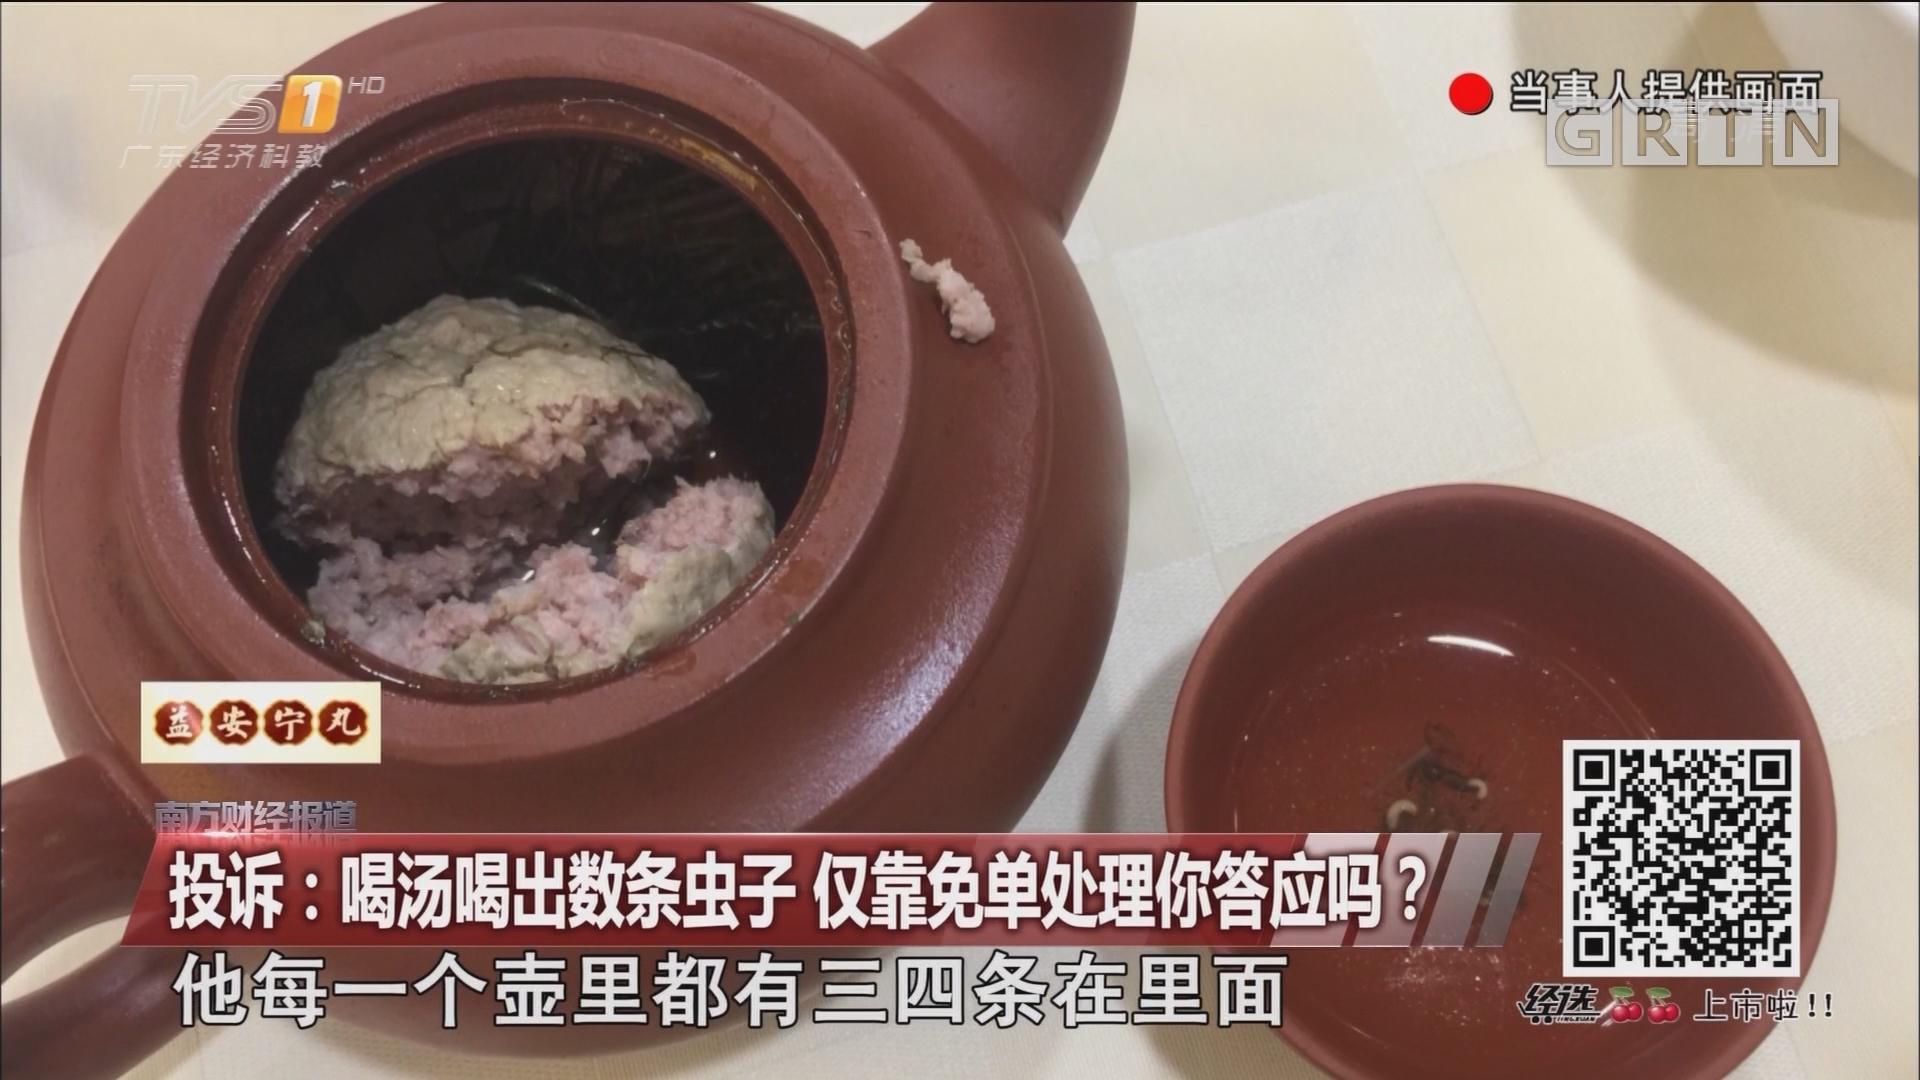 投诉:喝汤喝出数条虫子 仅靠免单处理你答应吗?